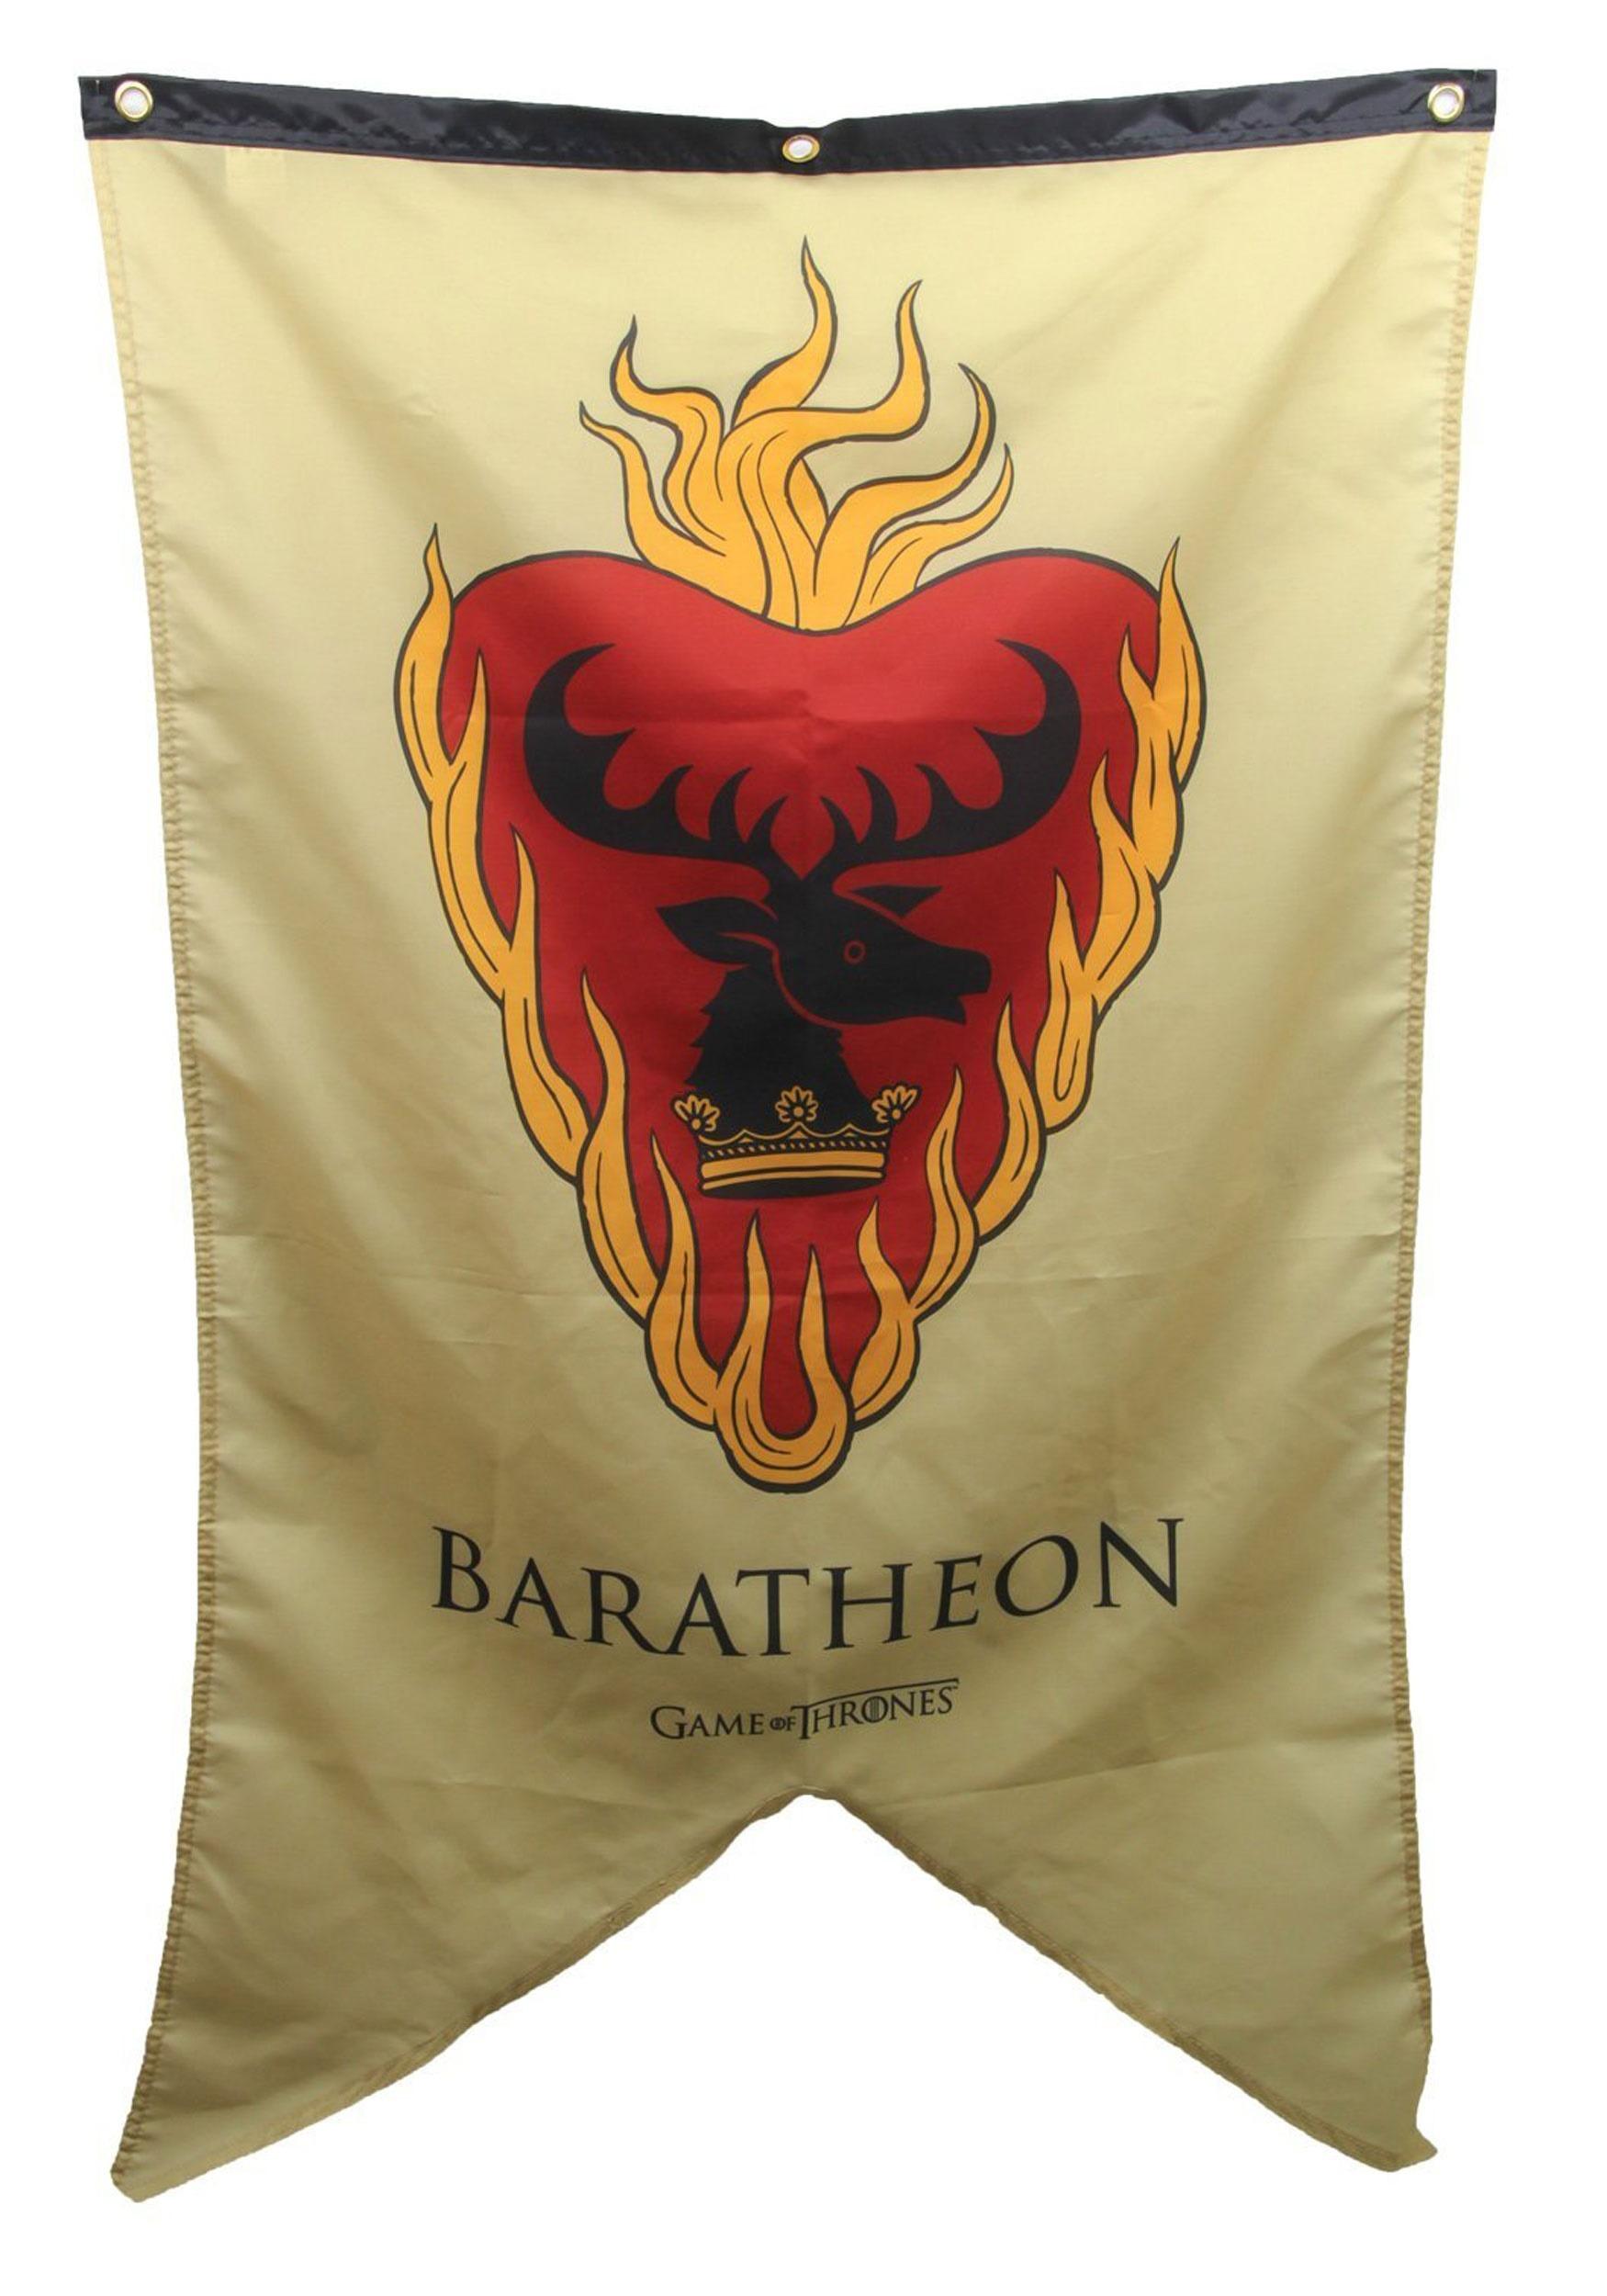 Stannis Baratheon Sigil Game of Thrones Banner